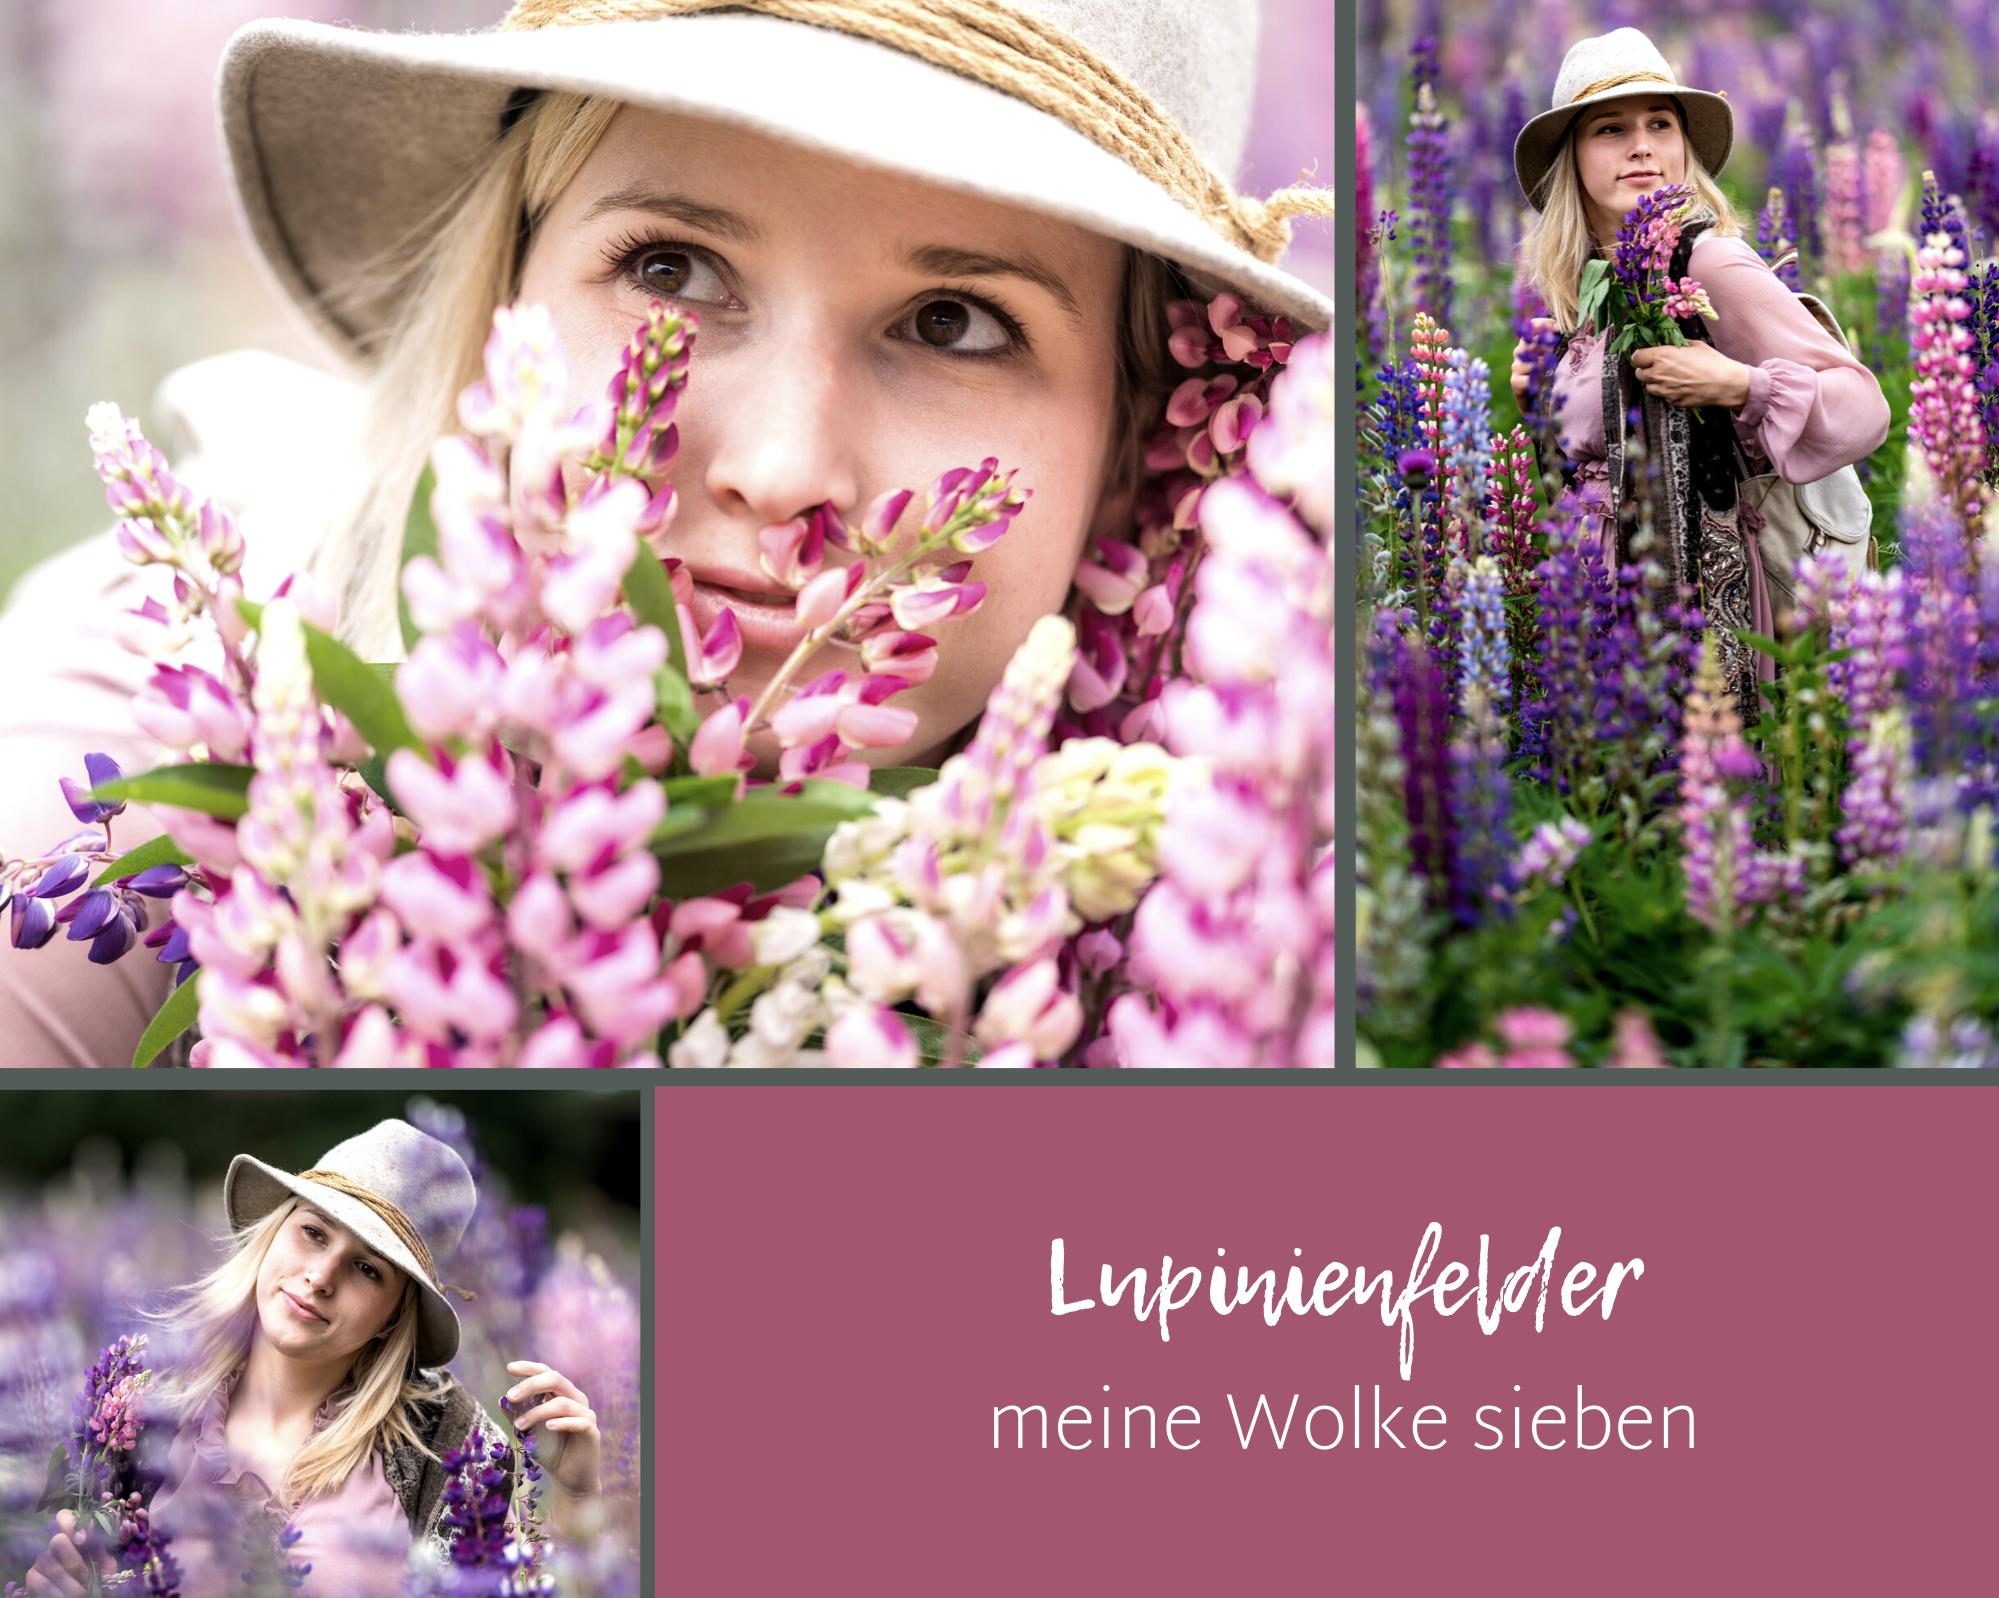 a Gitsch in Kartitsch - der Wanderpodcast von Lena Sulzenbacher - Peter Märkl - Lupinienfelder